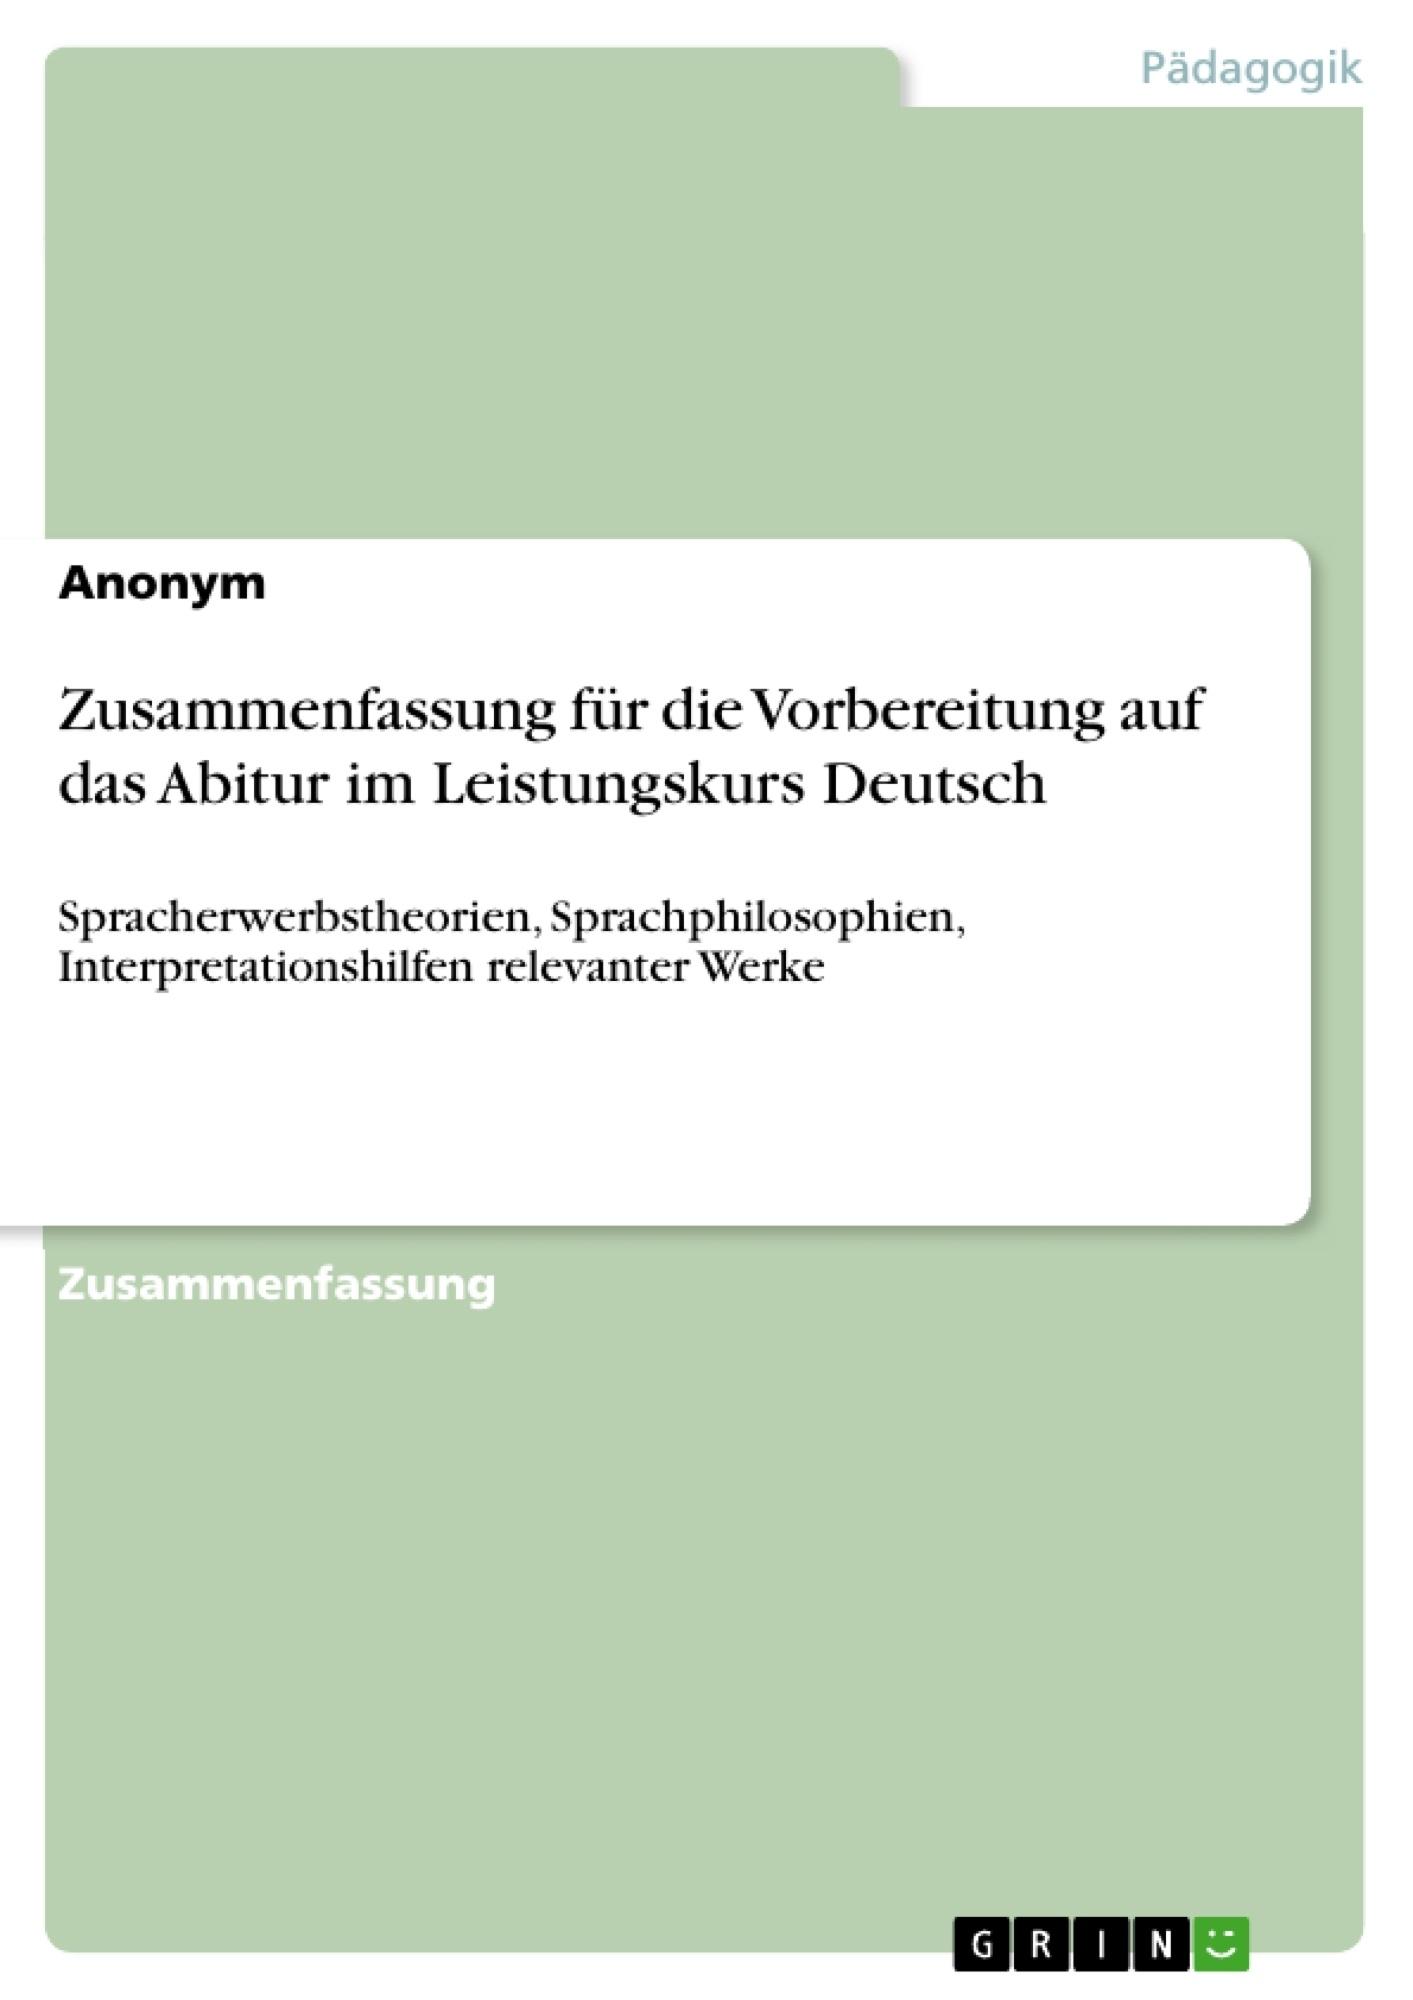 Titel: Zusammenfassung für die Vorbereitung auf das Abitur im Leistungskurs Deutsch